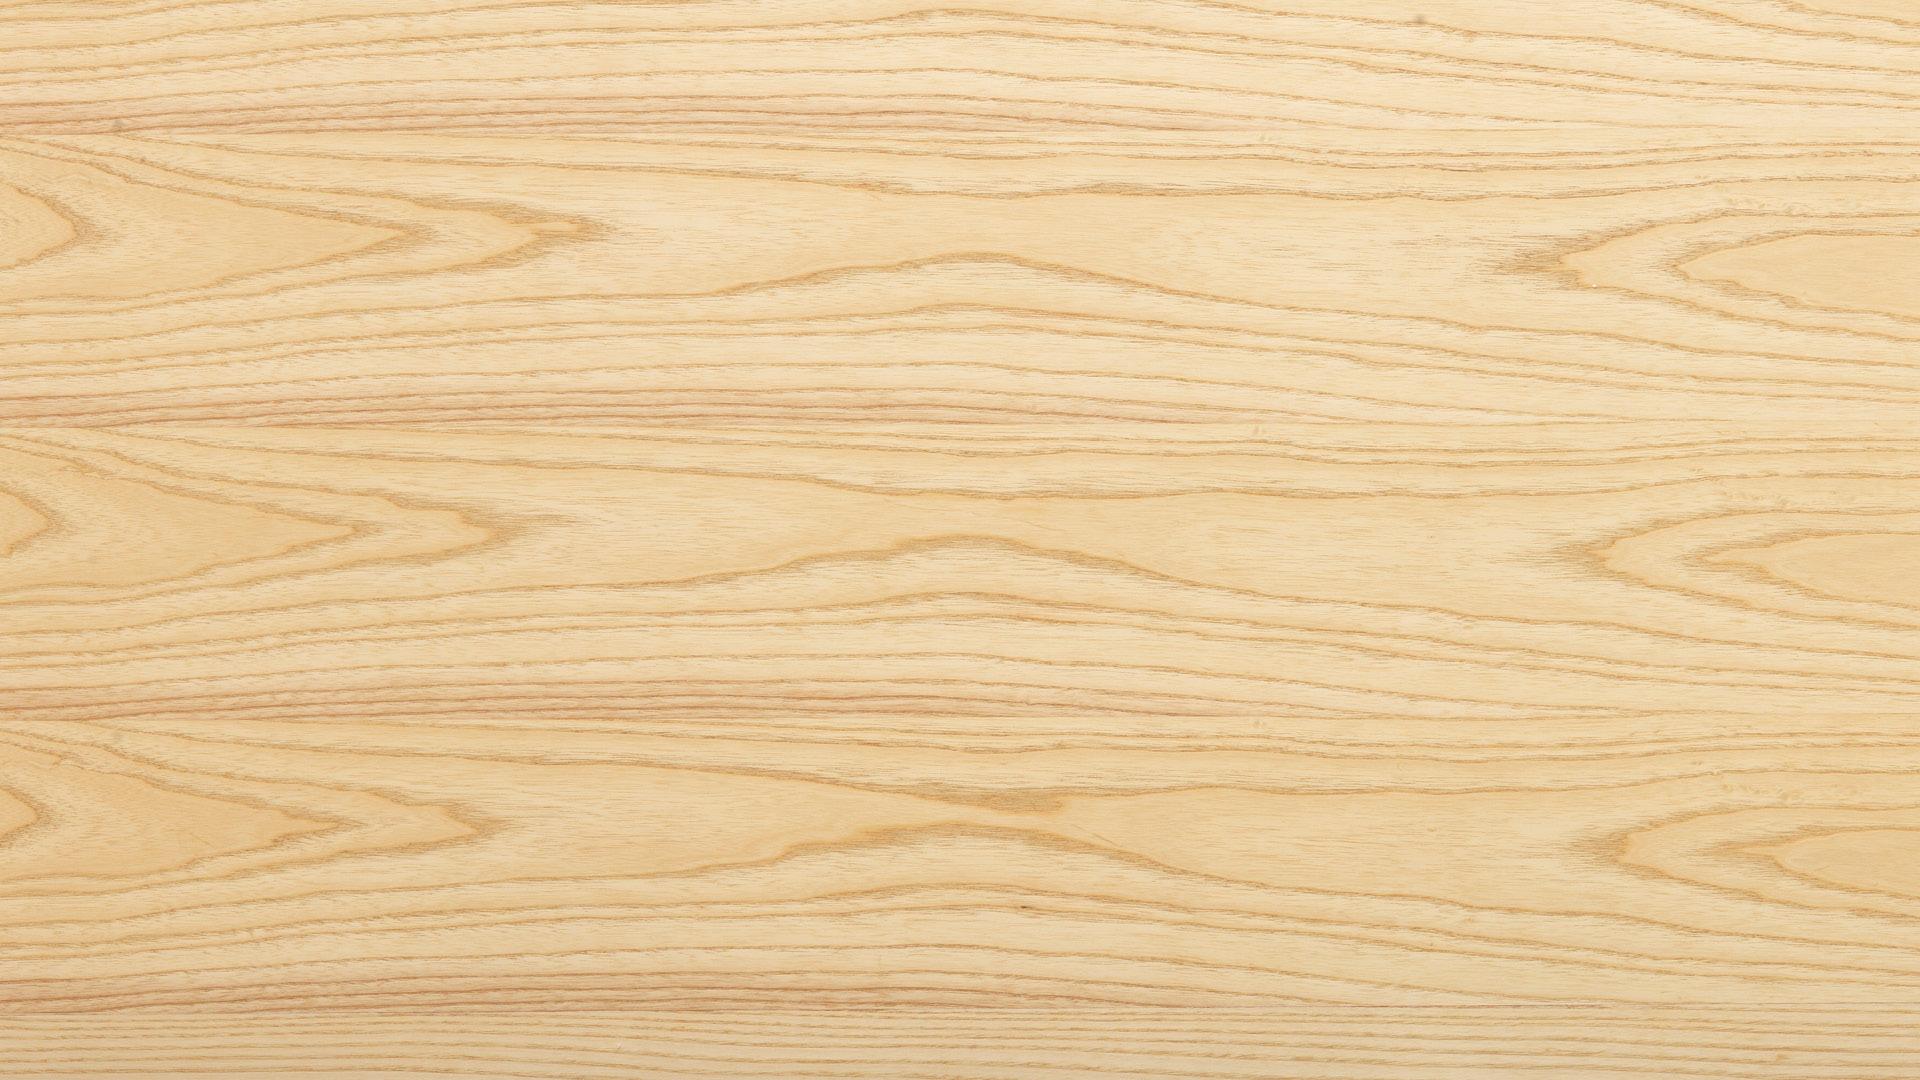 进口白蜡木皮通体包裹,凹凸可触木纹质感